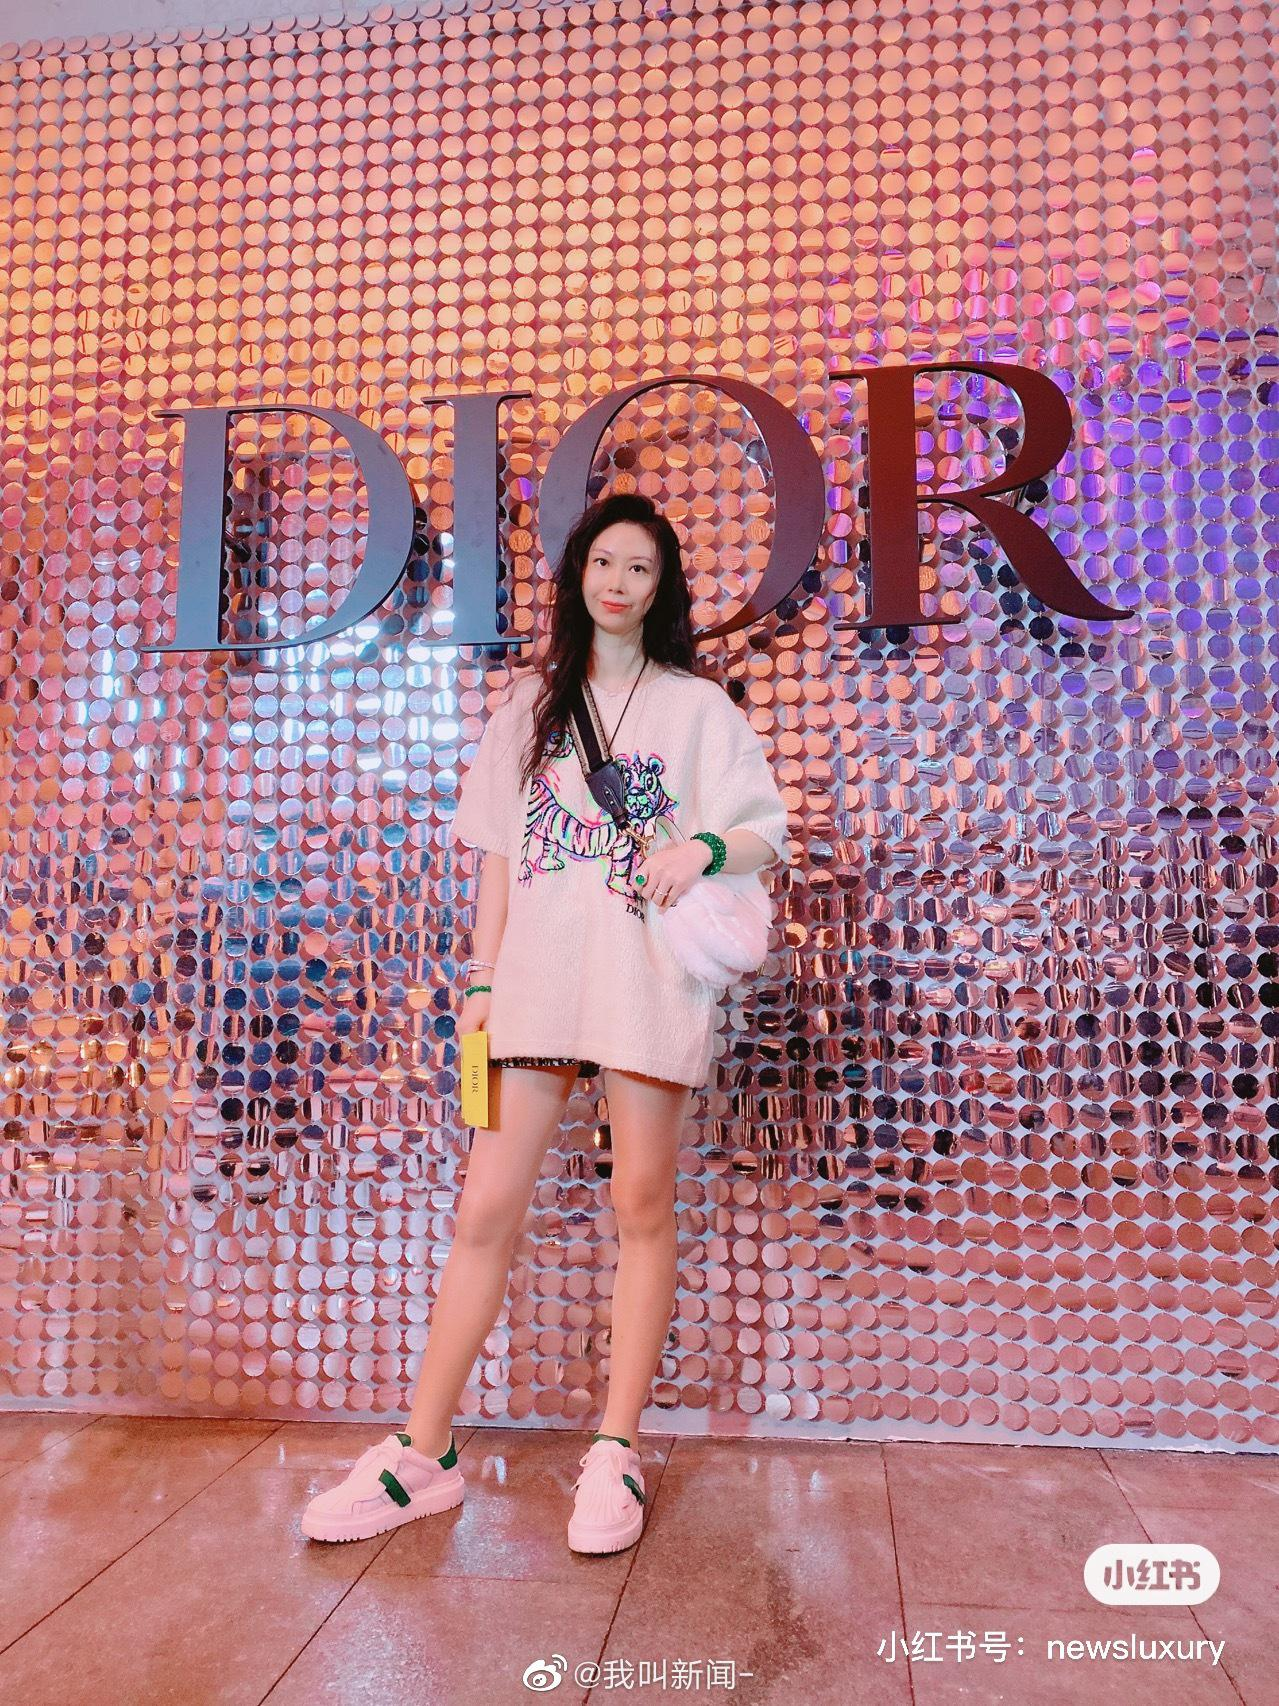 今天的快乐是Dior给的哈哈哈哈……